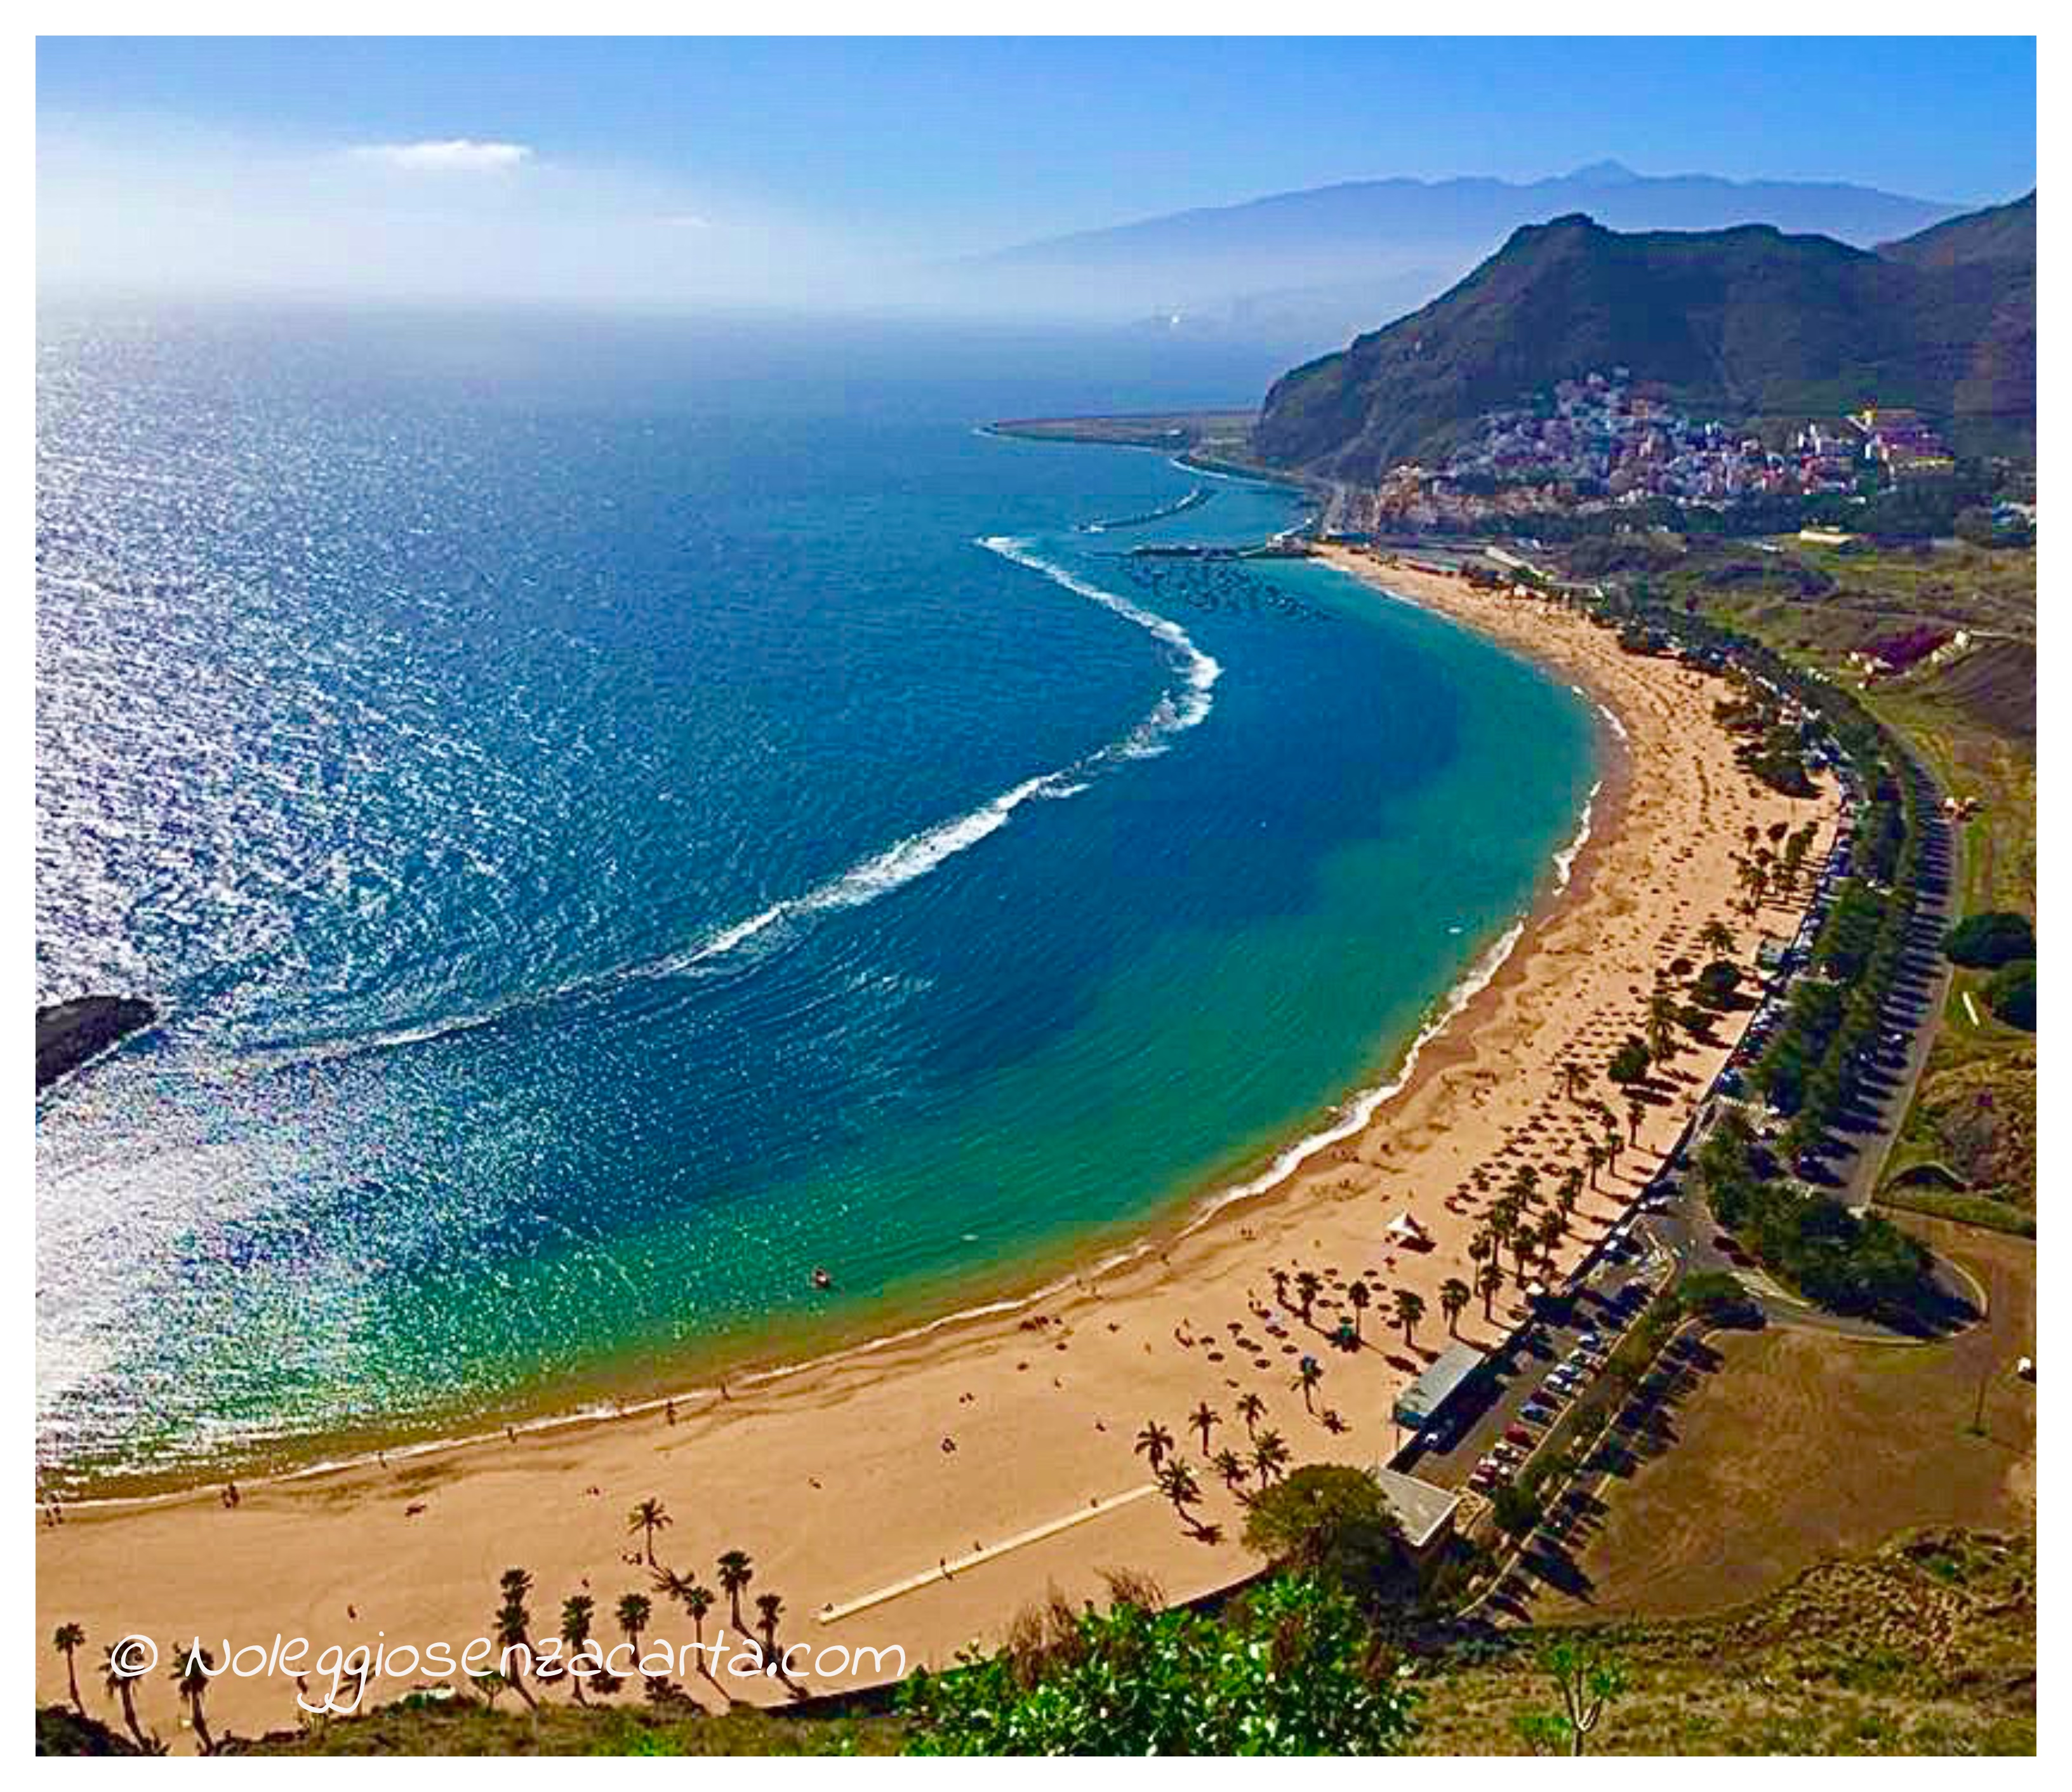 Alquiler coche Islas Canarias sin tarjeta de crédito